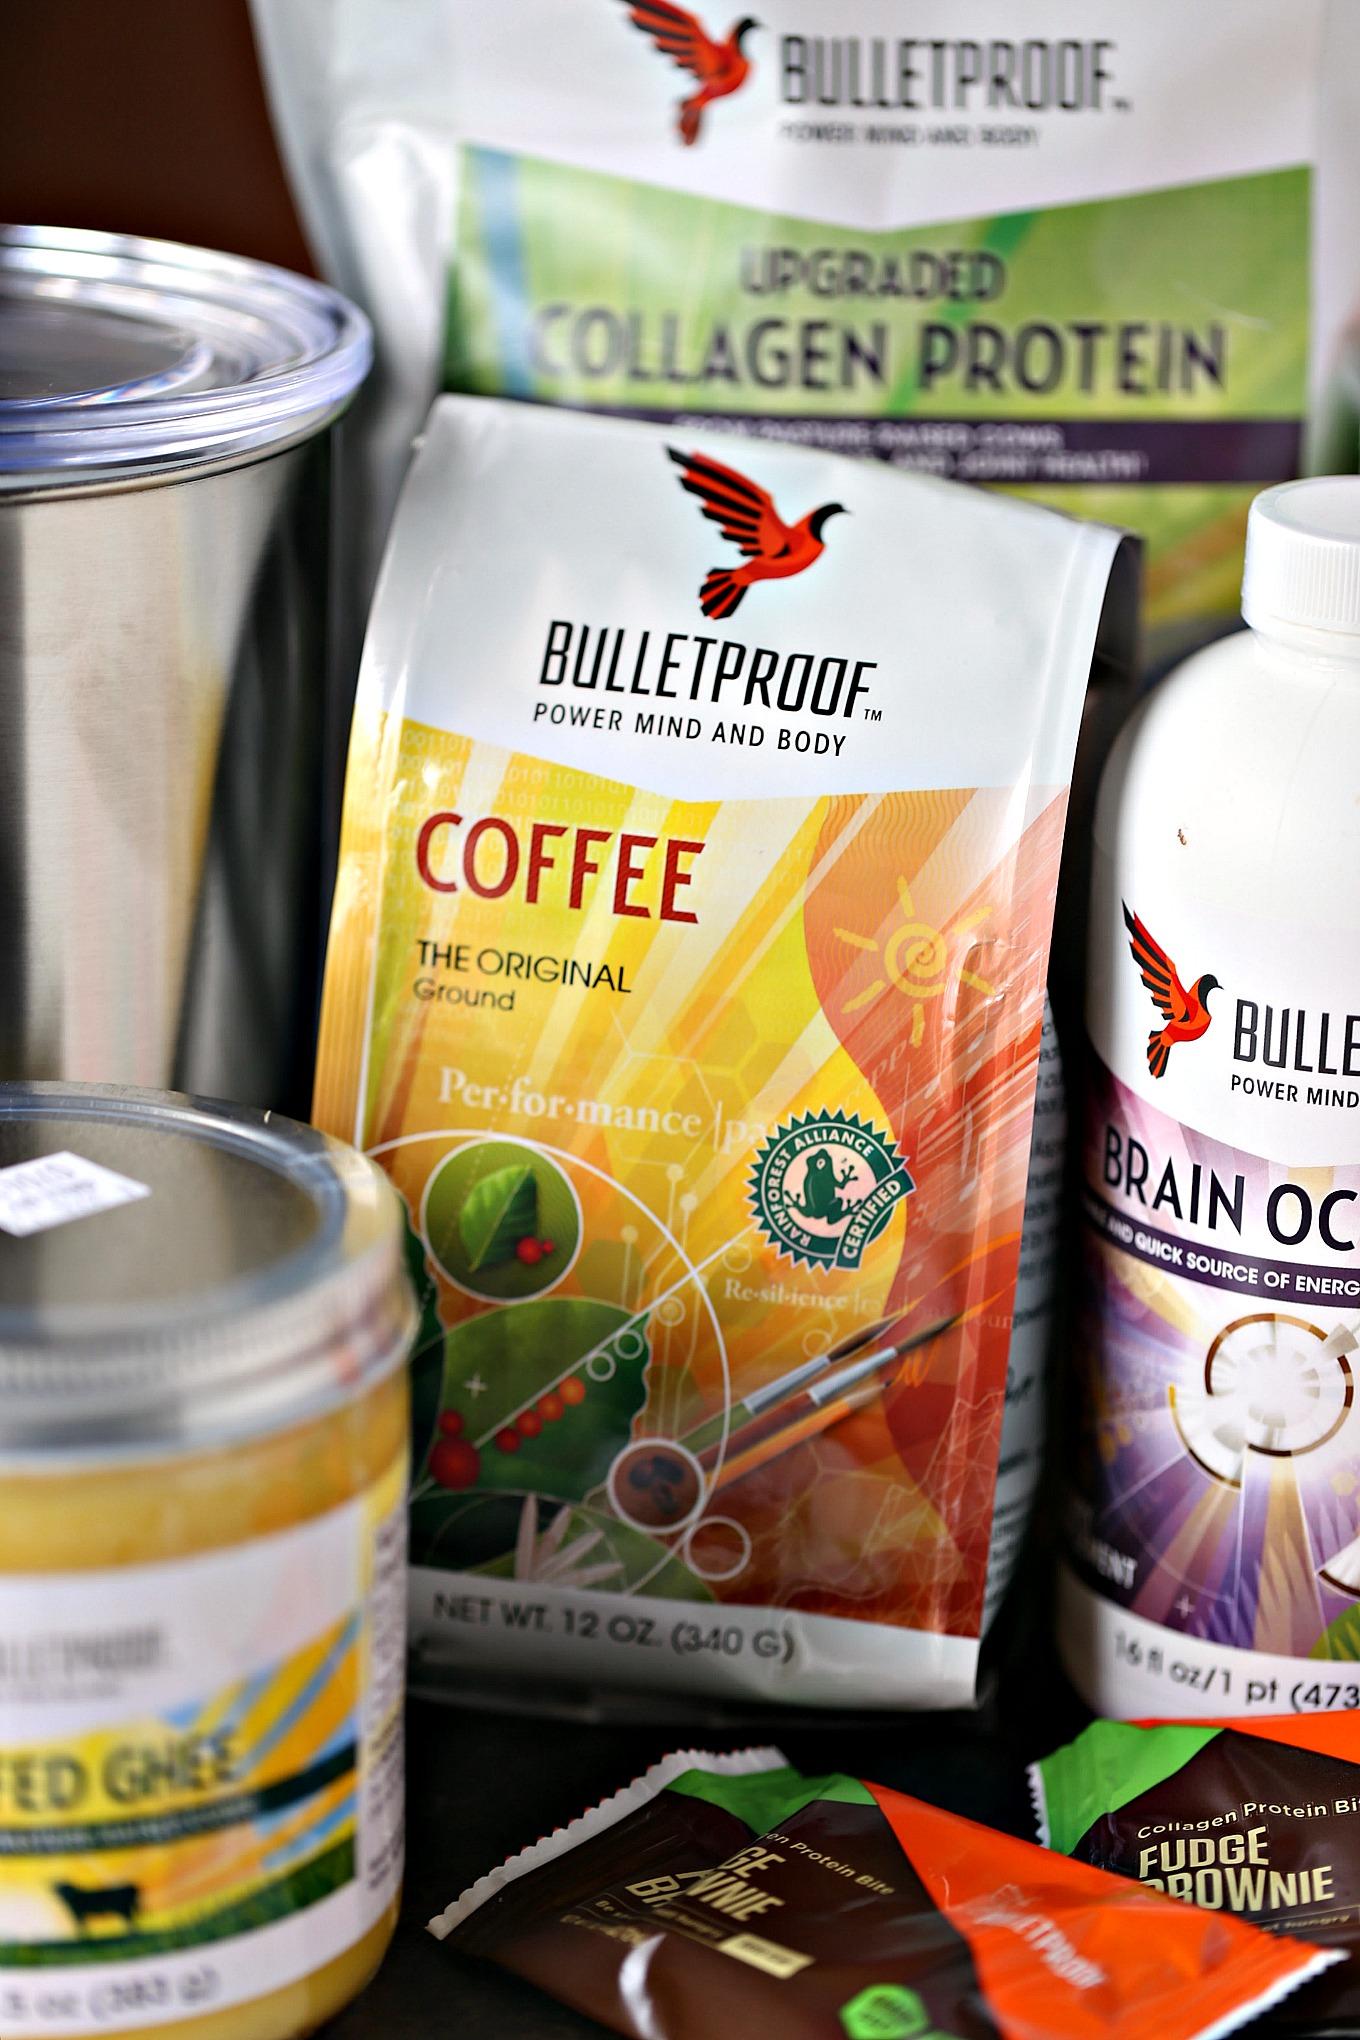 Bulletproof-Coffee-Products-Image-1.jpg